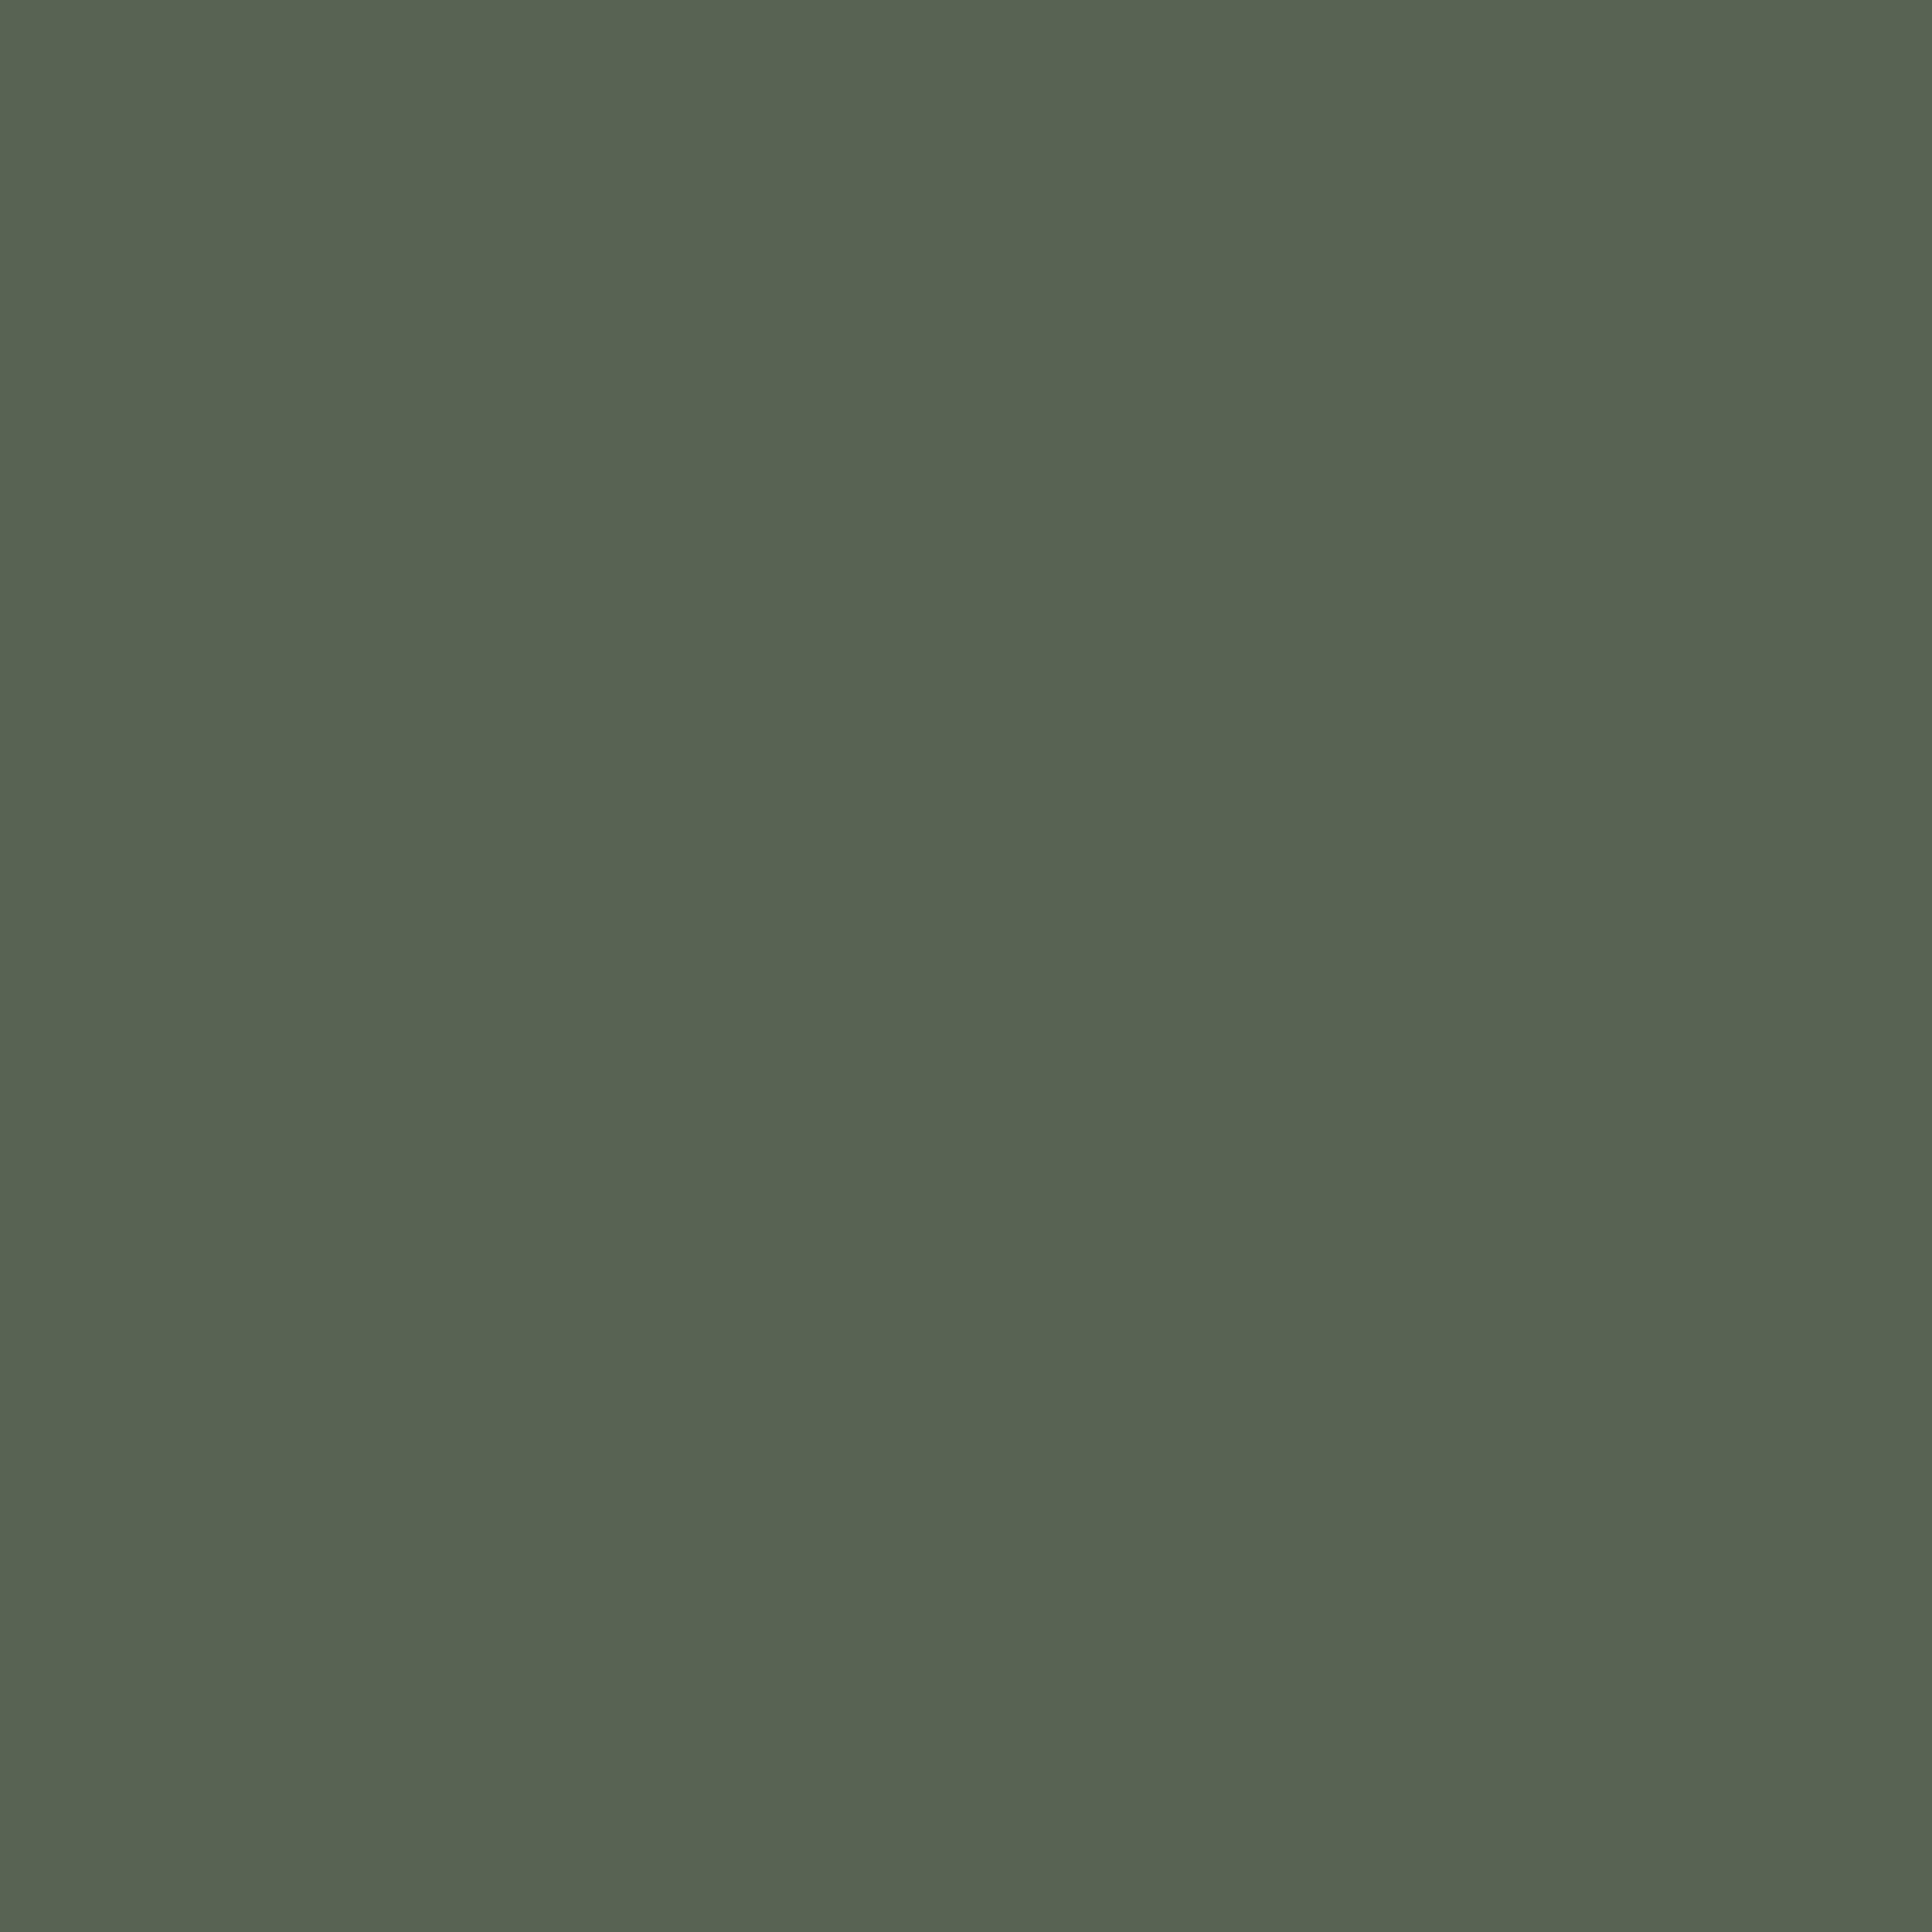 Trachtengrün